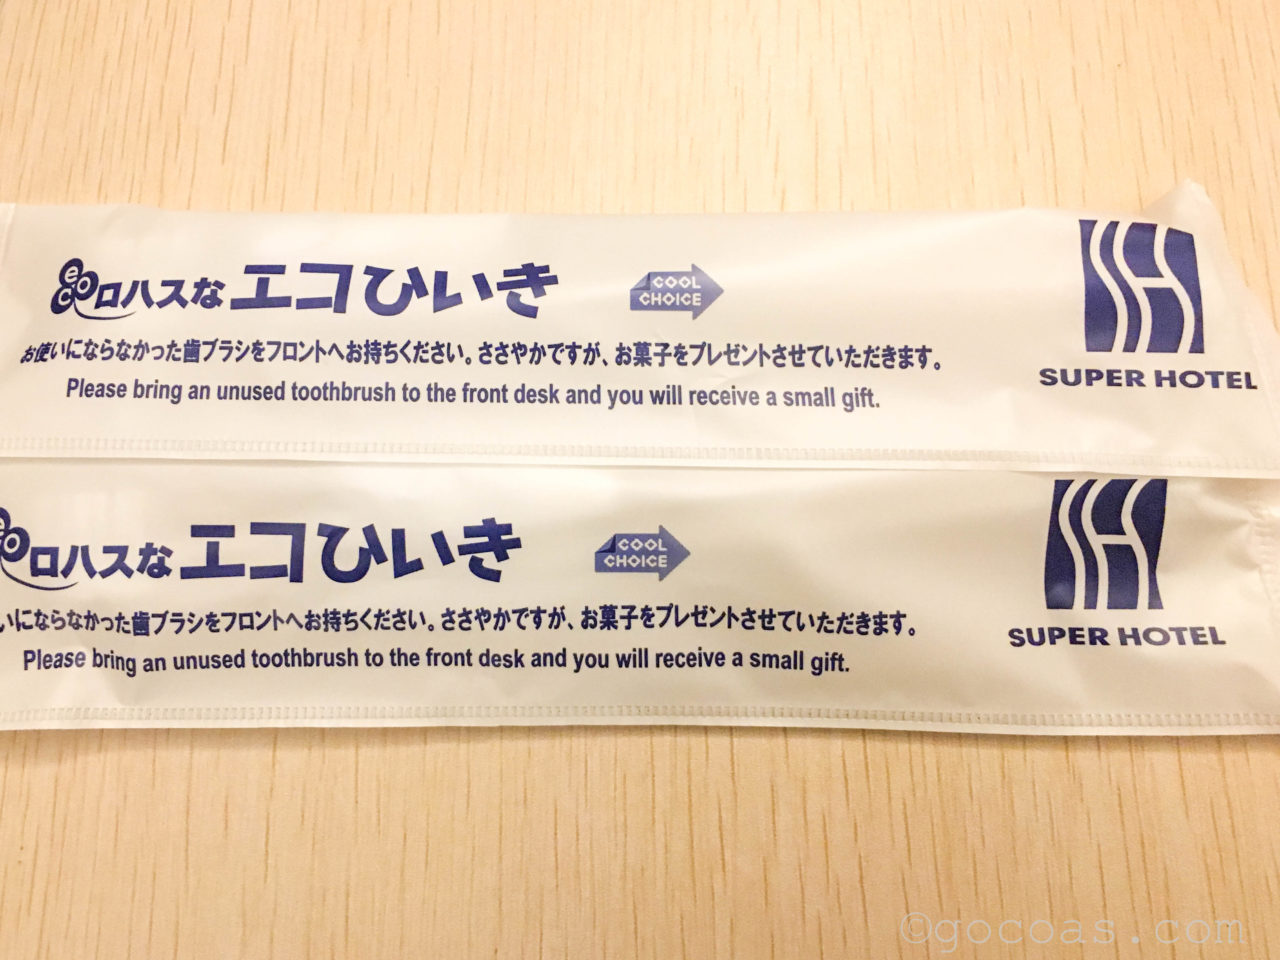 スーパーホテル山形駅西口歯ブラシ